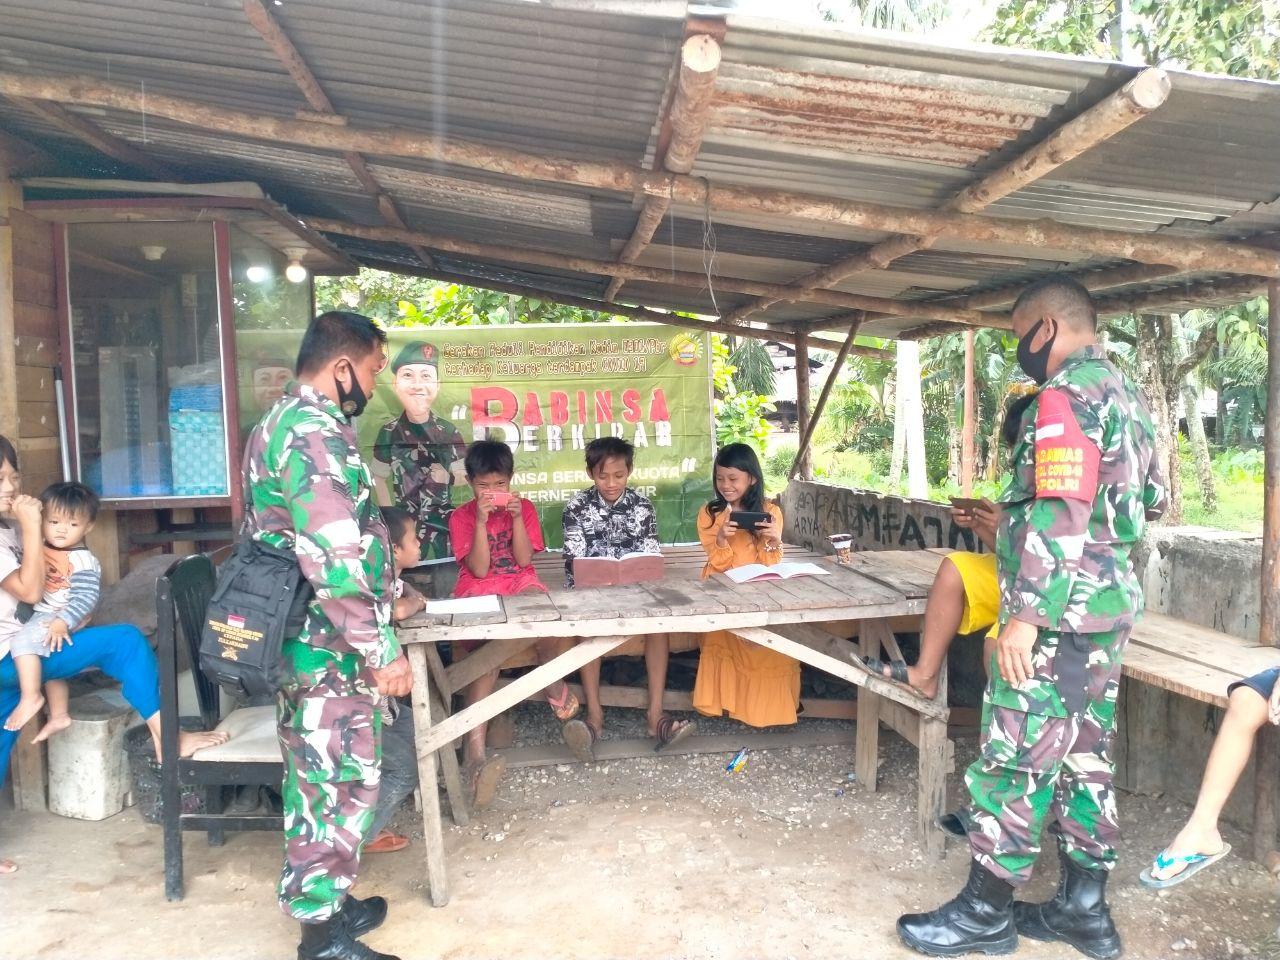 Babinsa Kodim 0301/PBR Laksanakan Gerakan Babinsa Berkibar Bagi Anak Didik Yang Terdampak Pandemi Covid-19